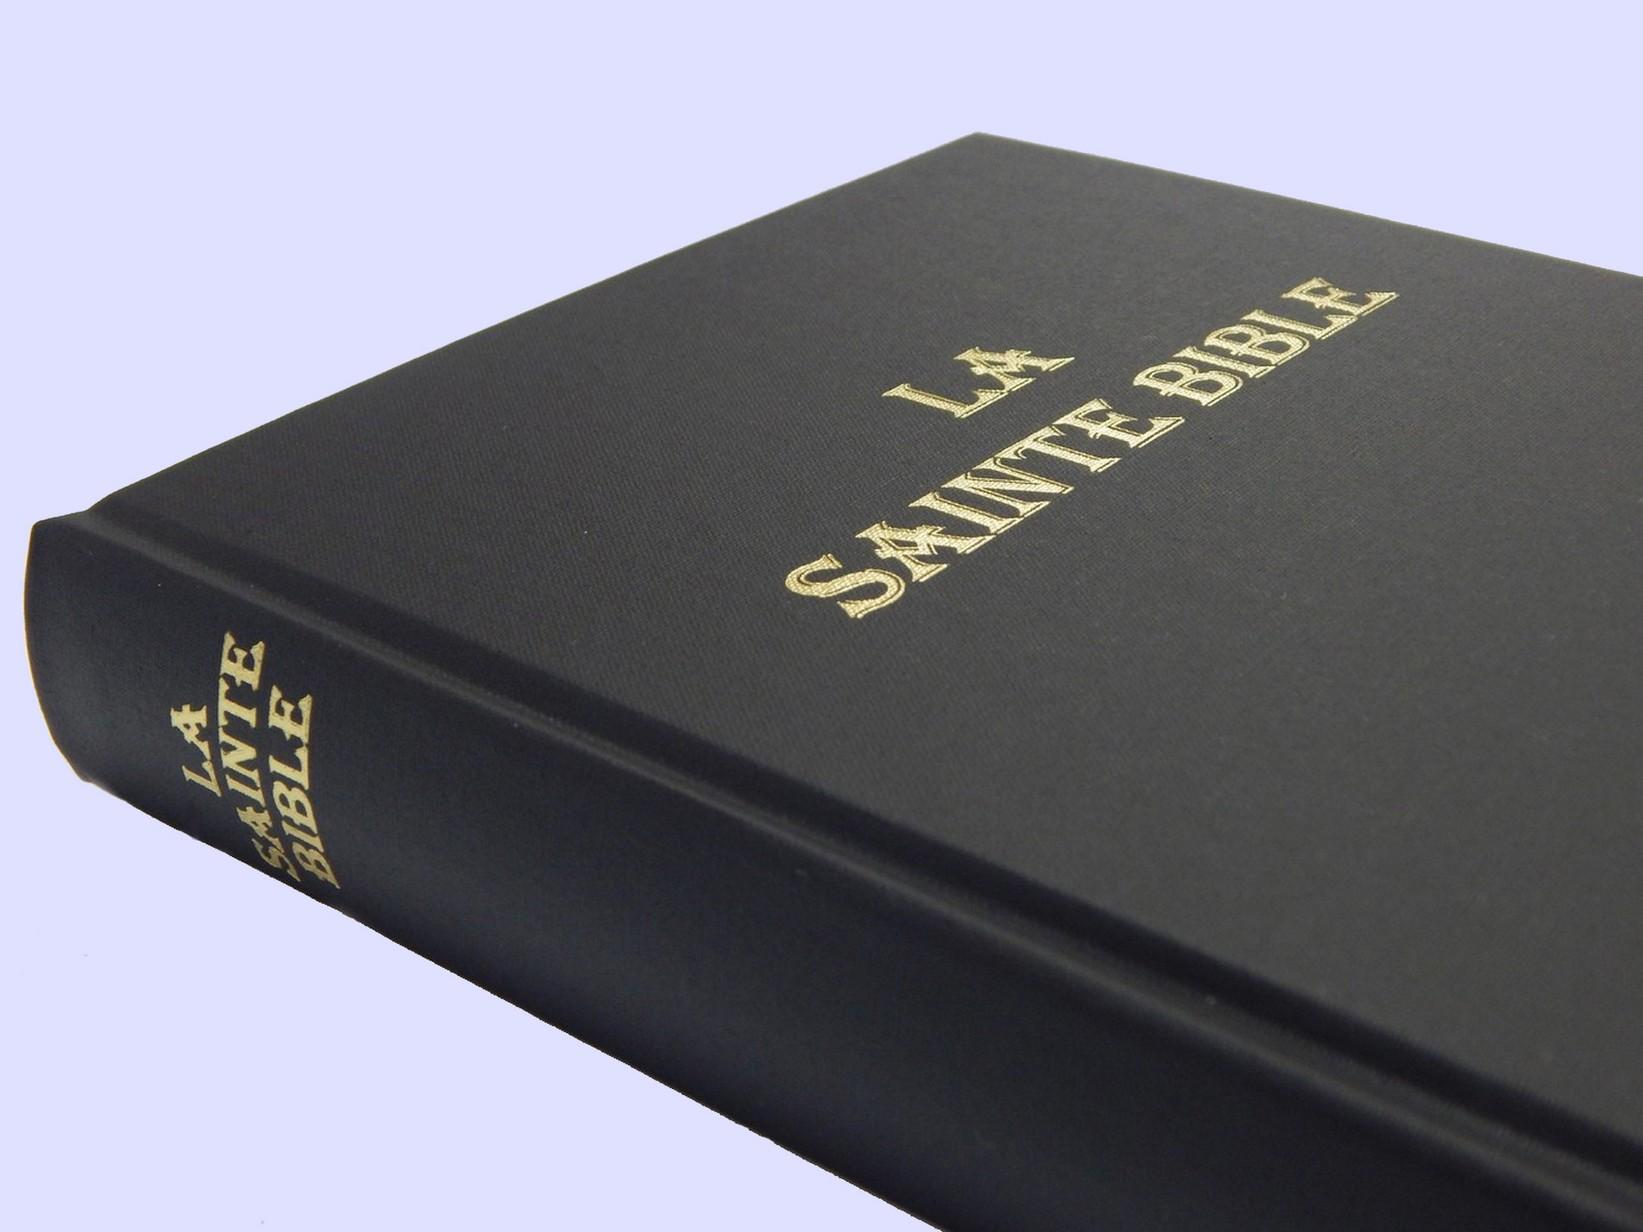 Textes Reçus Français (FTR) bible 2014: revision de la Bible Ostervald de 1744